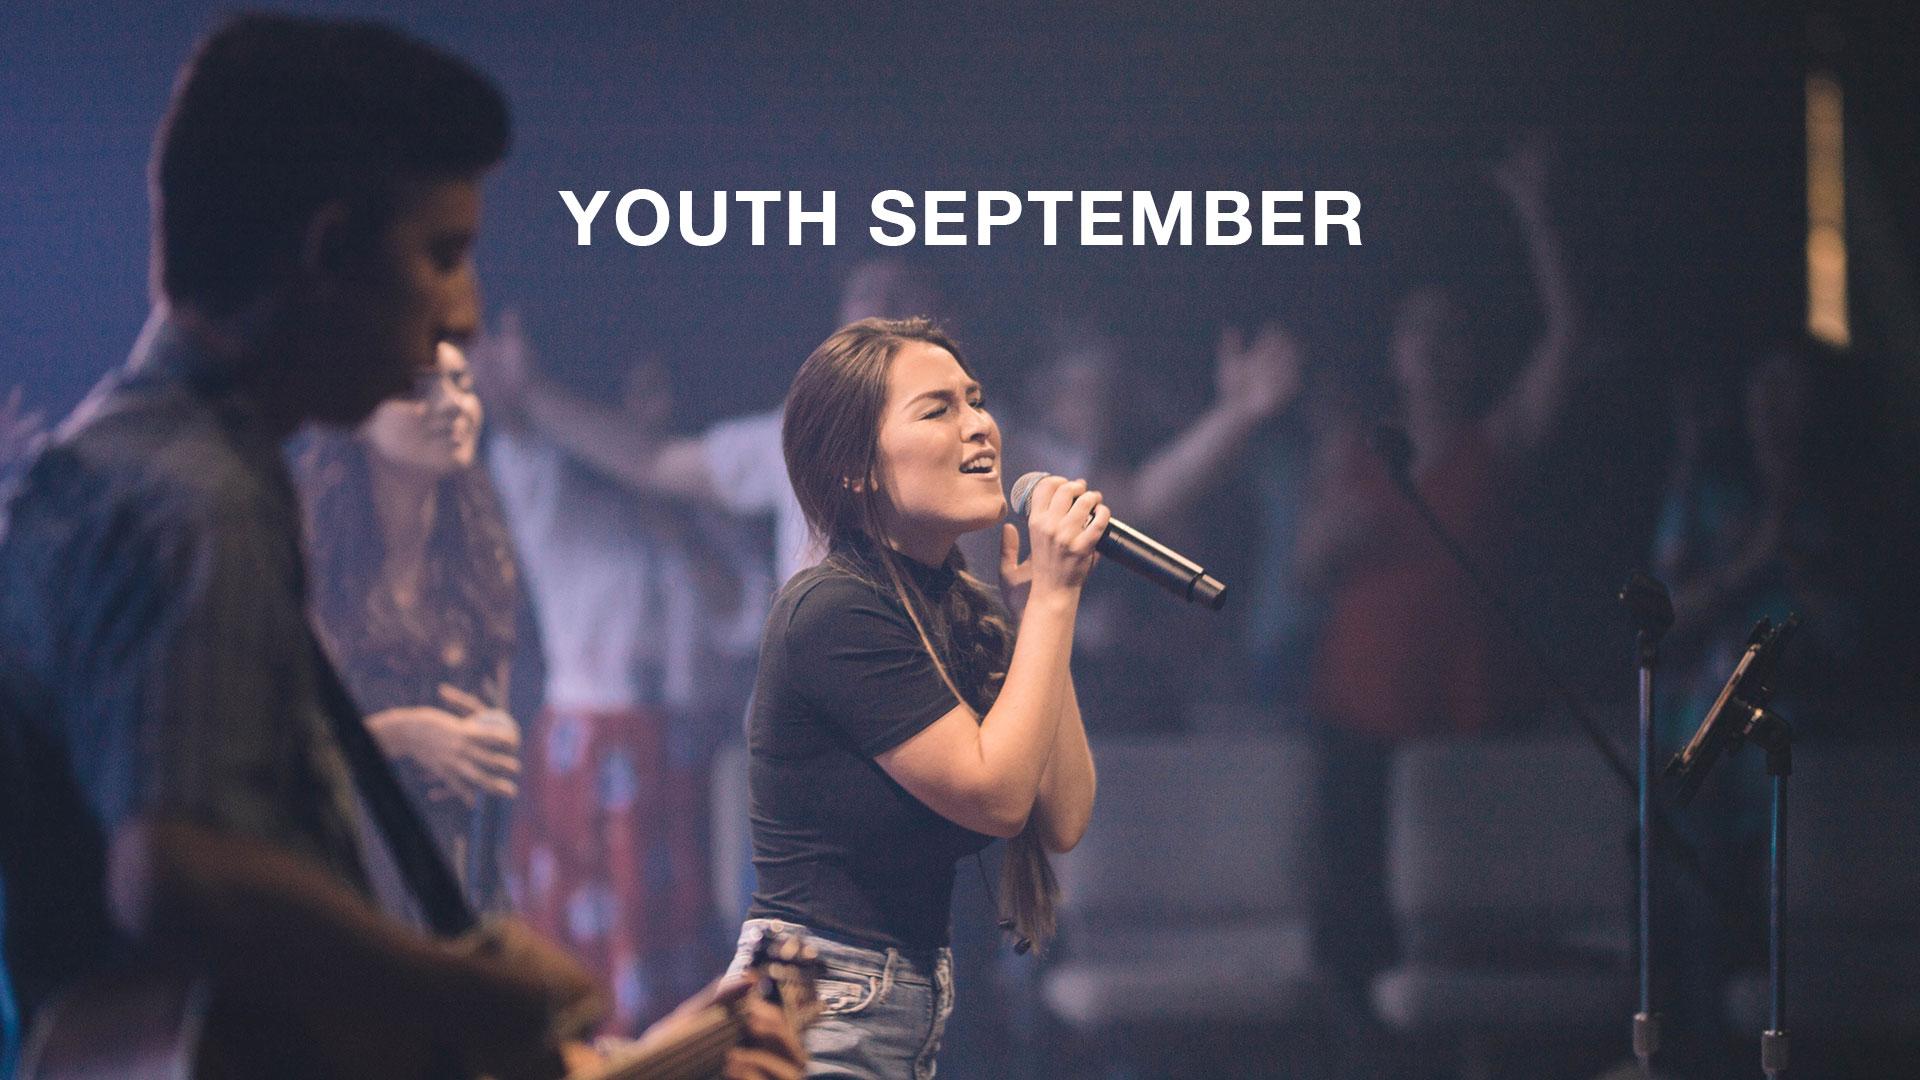 youth-september-21.jpg